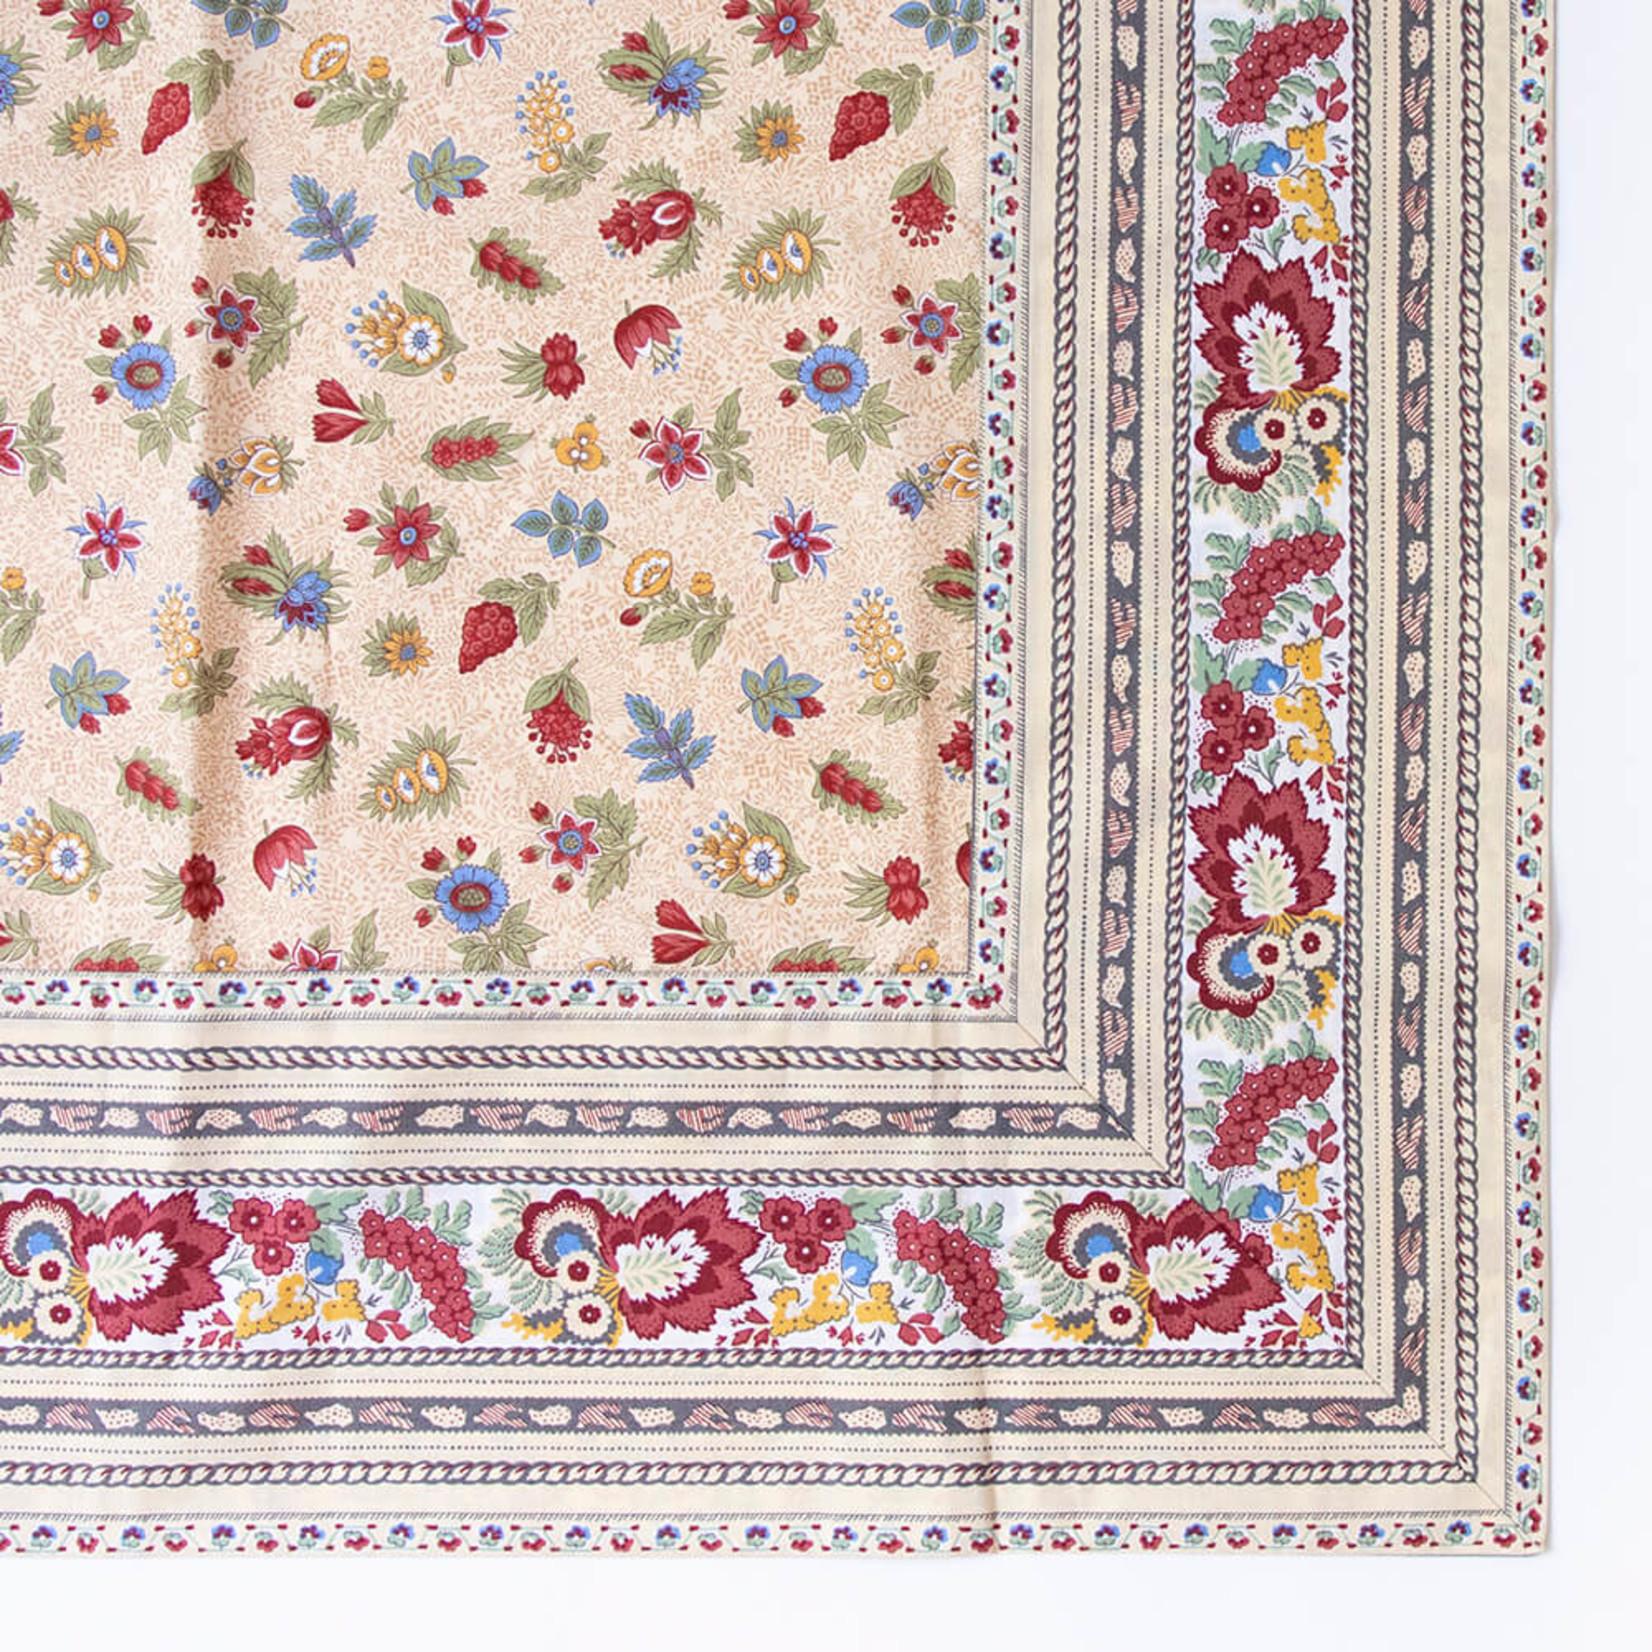 Valdrôme 'L'Escale en Provence' Provençal Tablecloth